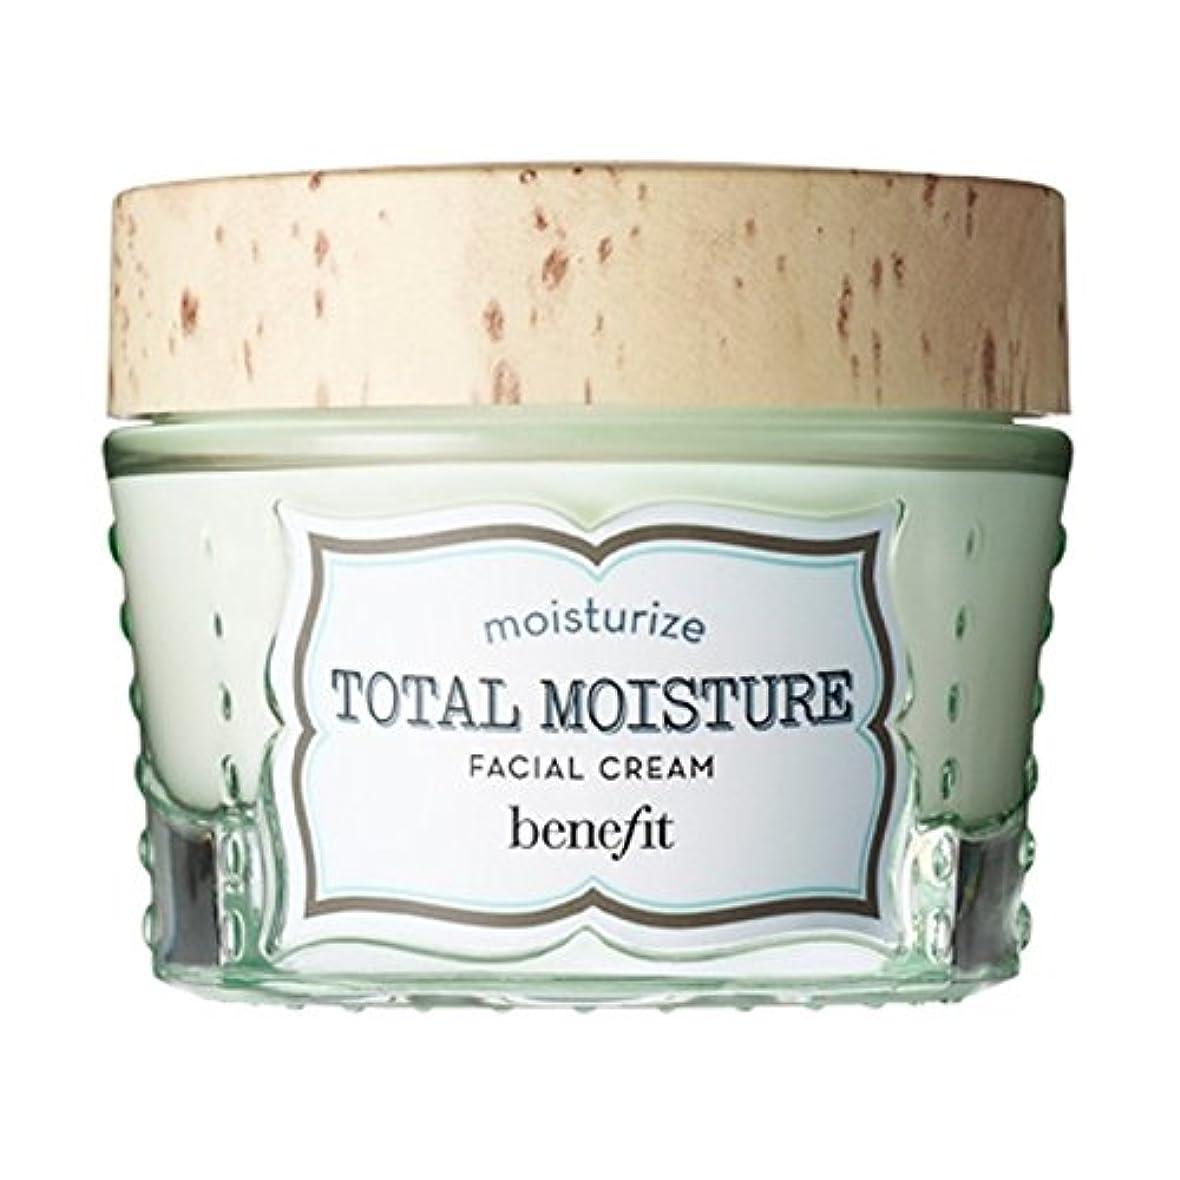 目的動員する再撮り全水分フェイシャルクリーム、48.2グラムの利益 (Benefit) (x6) - Benefit Total Moisture Facial Cream, 48.2g (Pack of 6) [並行輸入品]